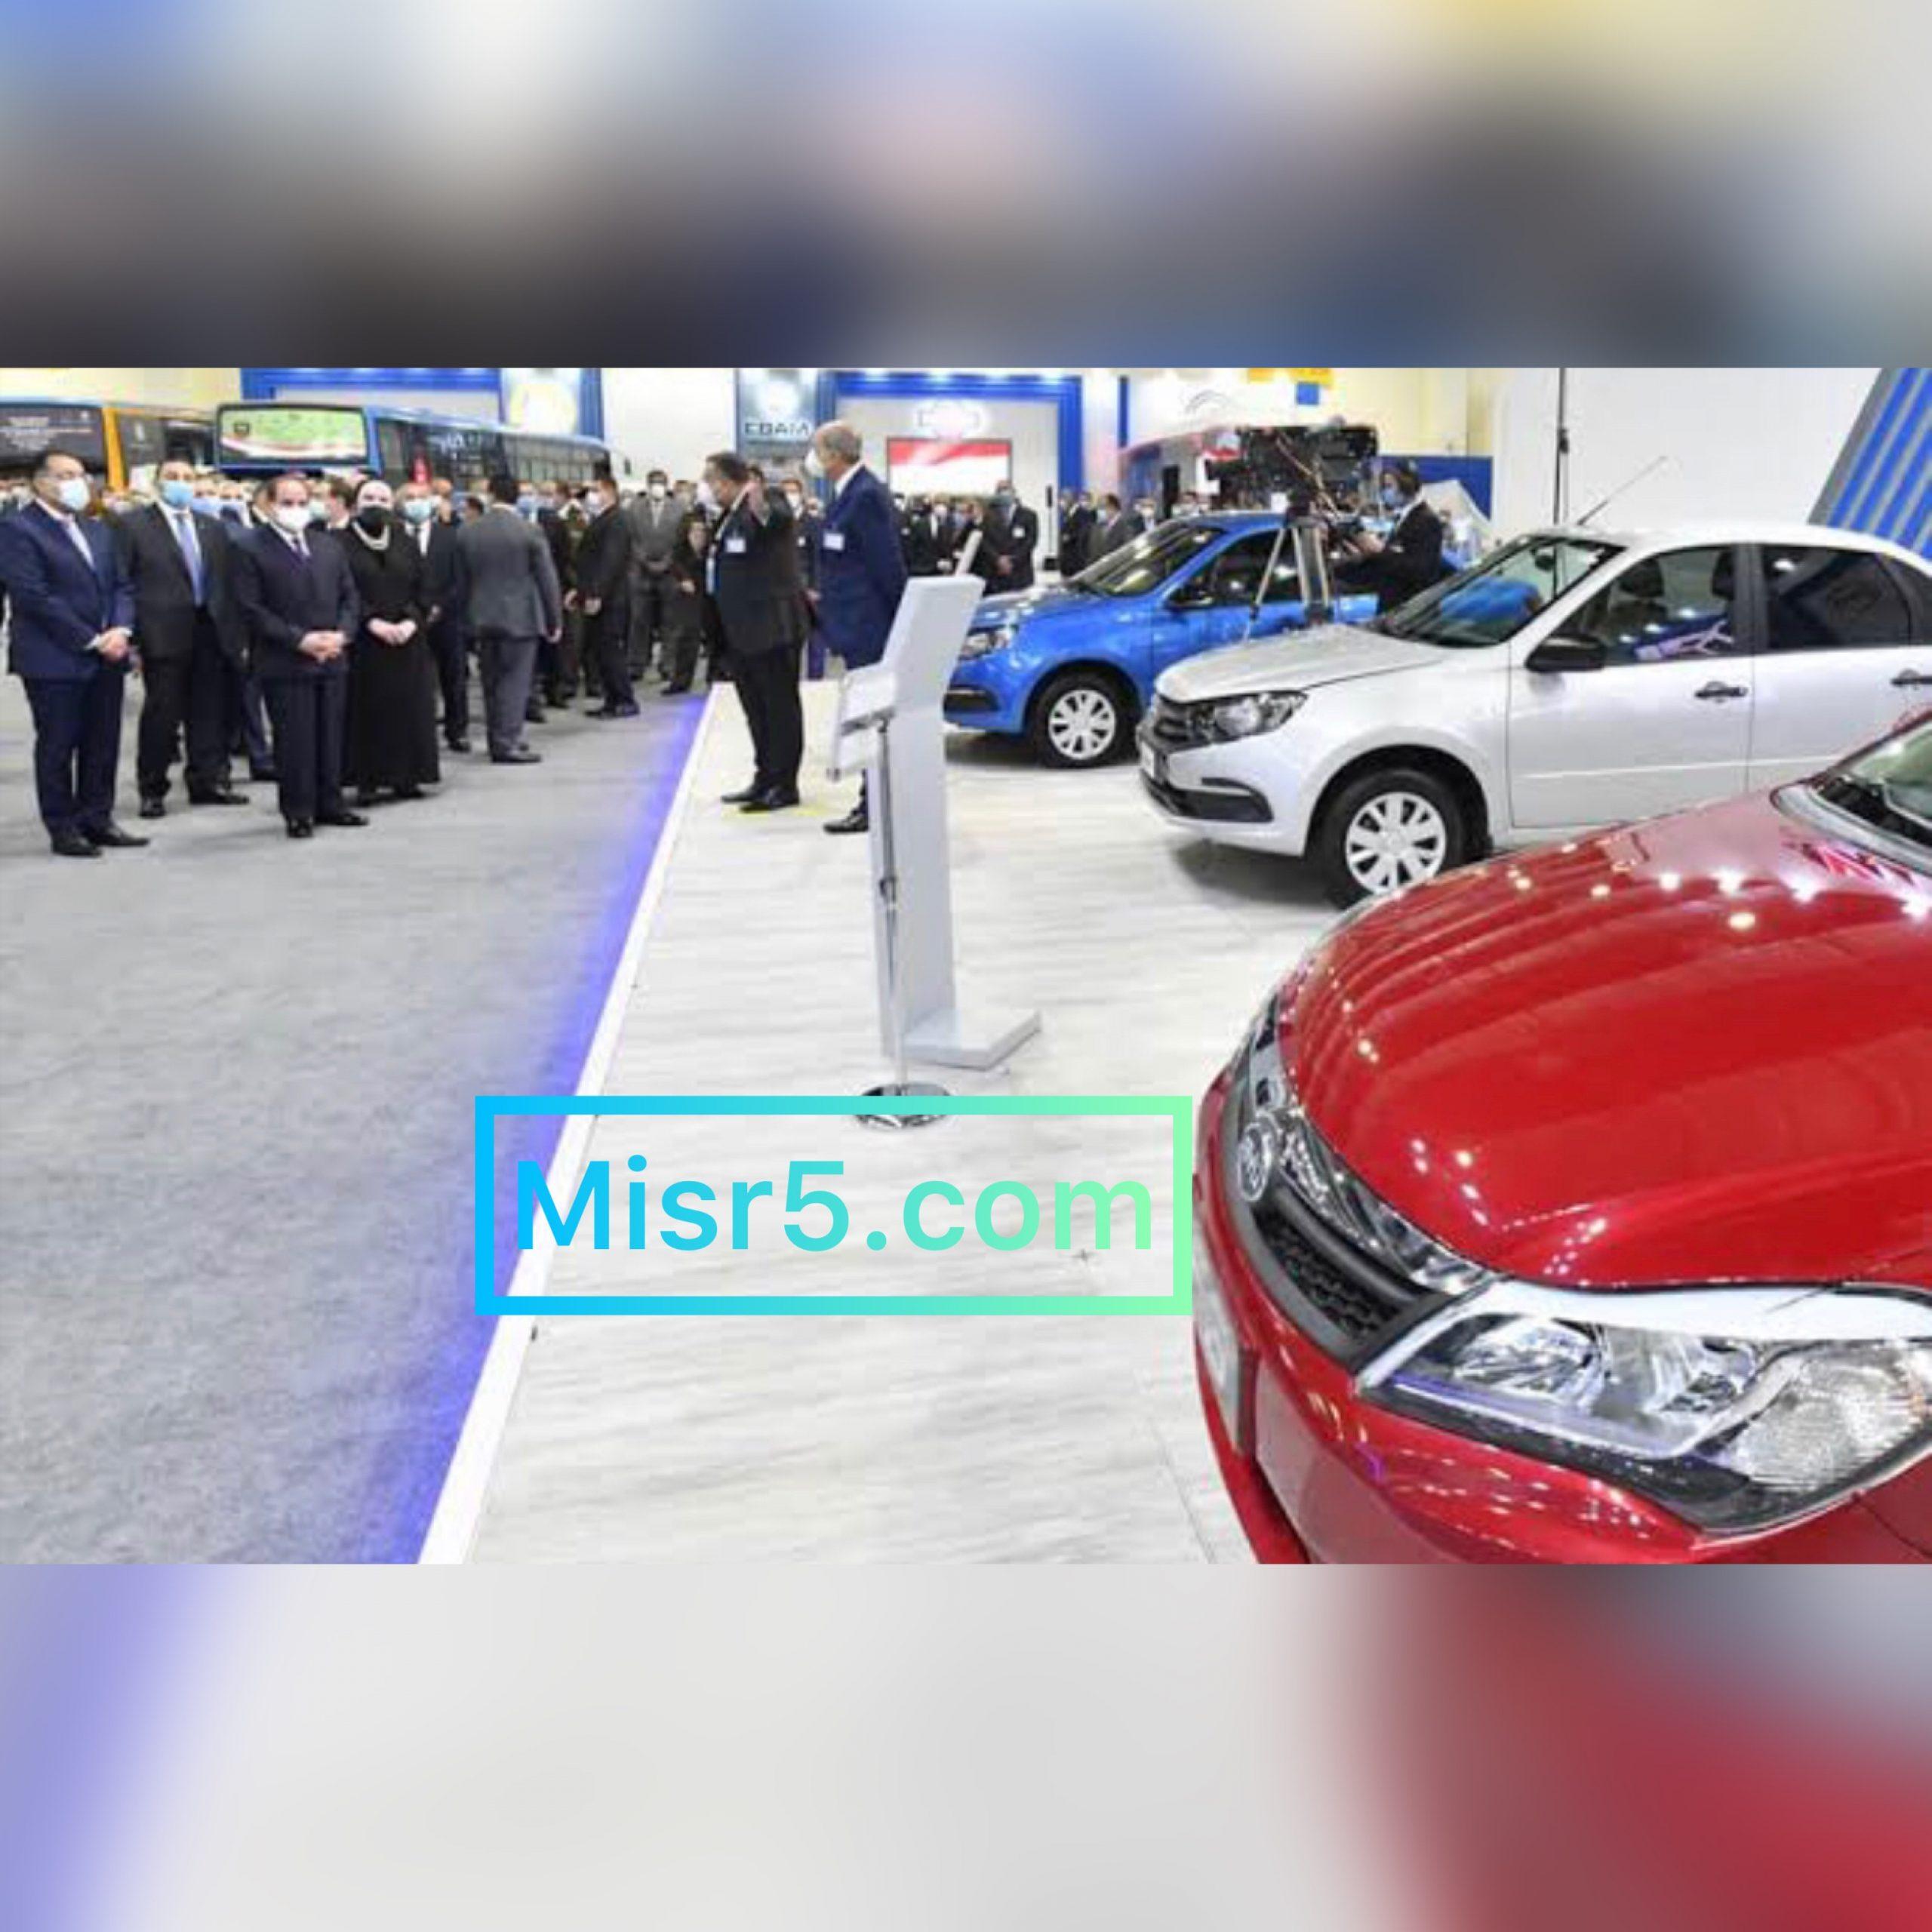 إحلال السيارات gogreen masr | كل ماتريد معرفة حول المبادرة الجديدة